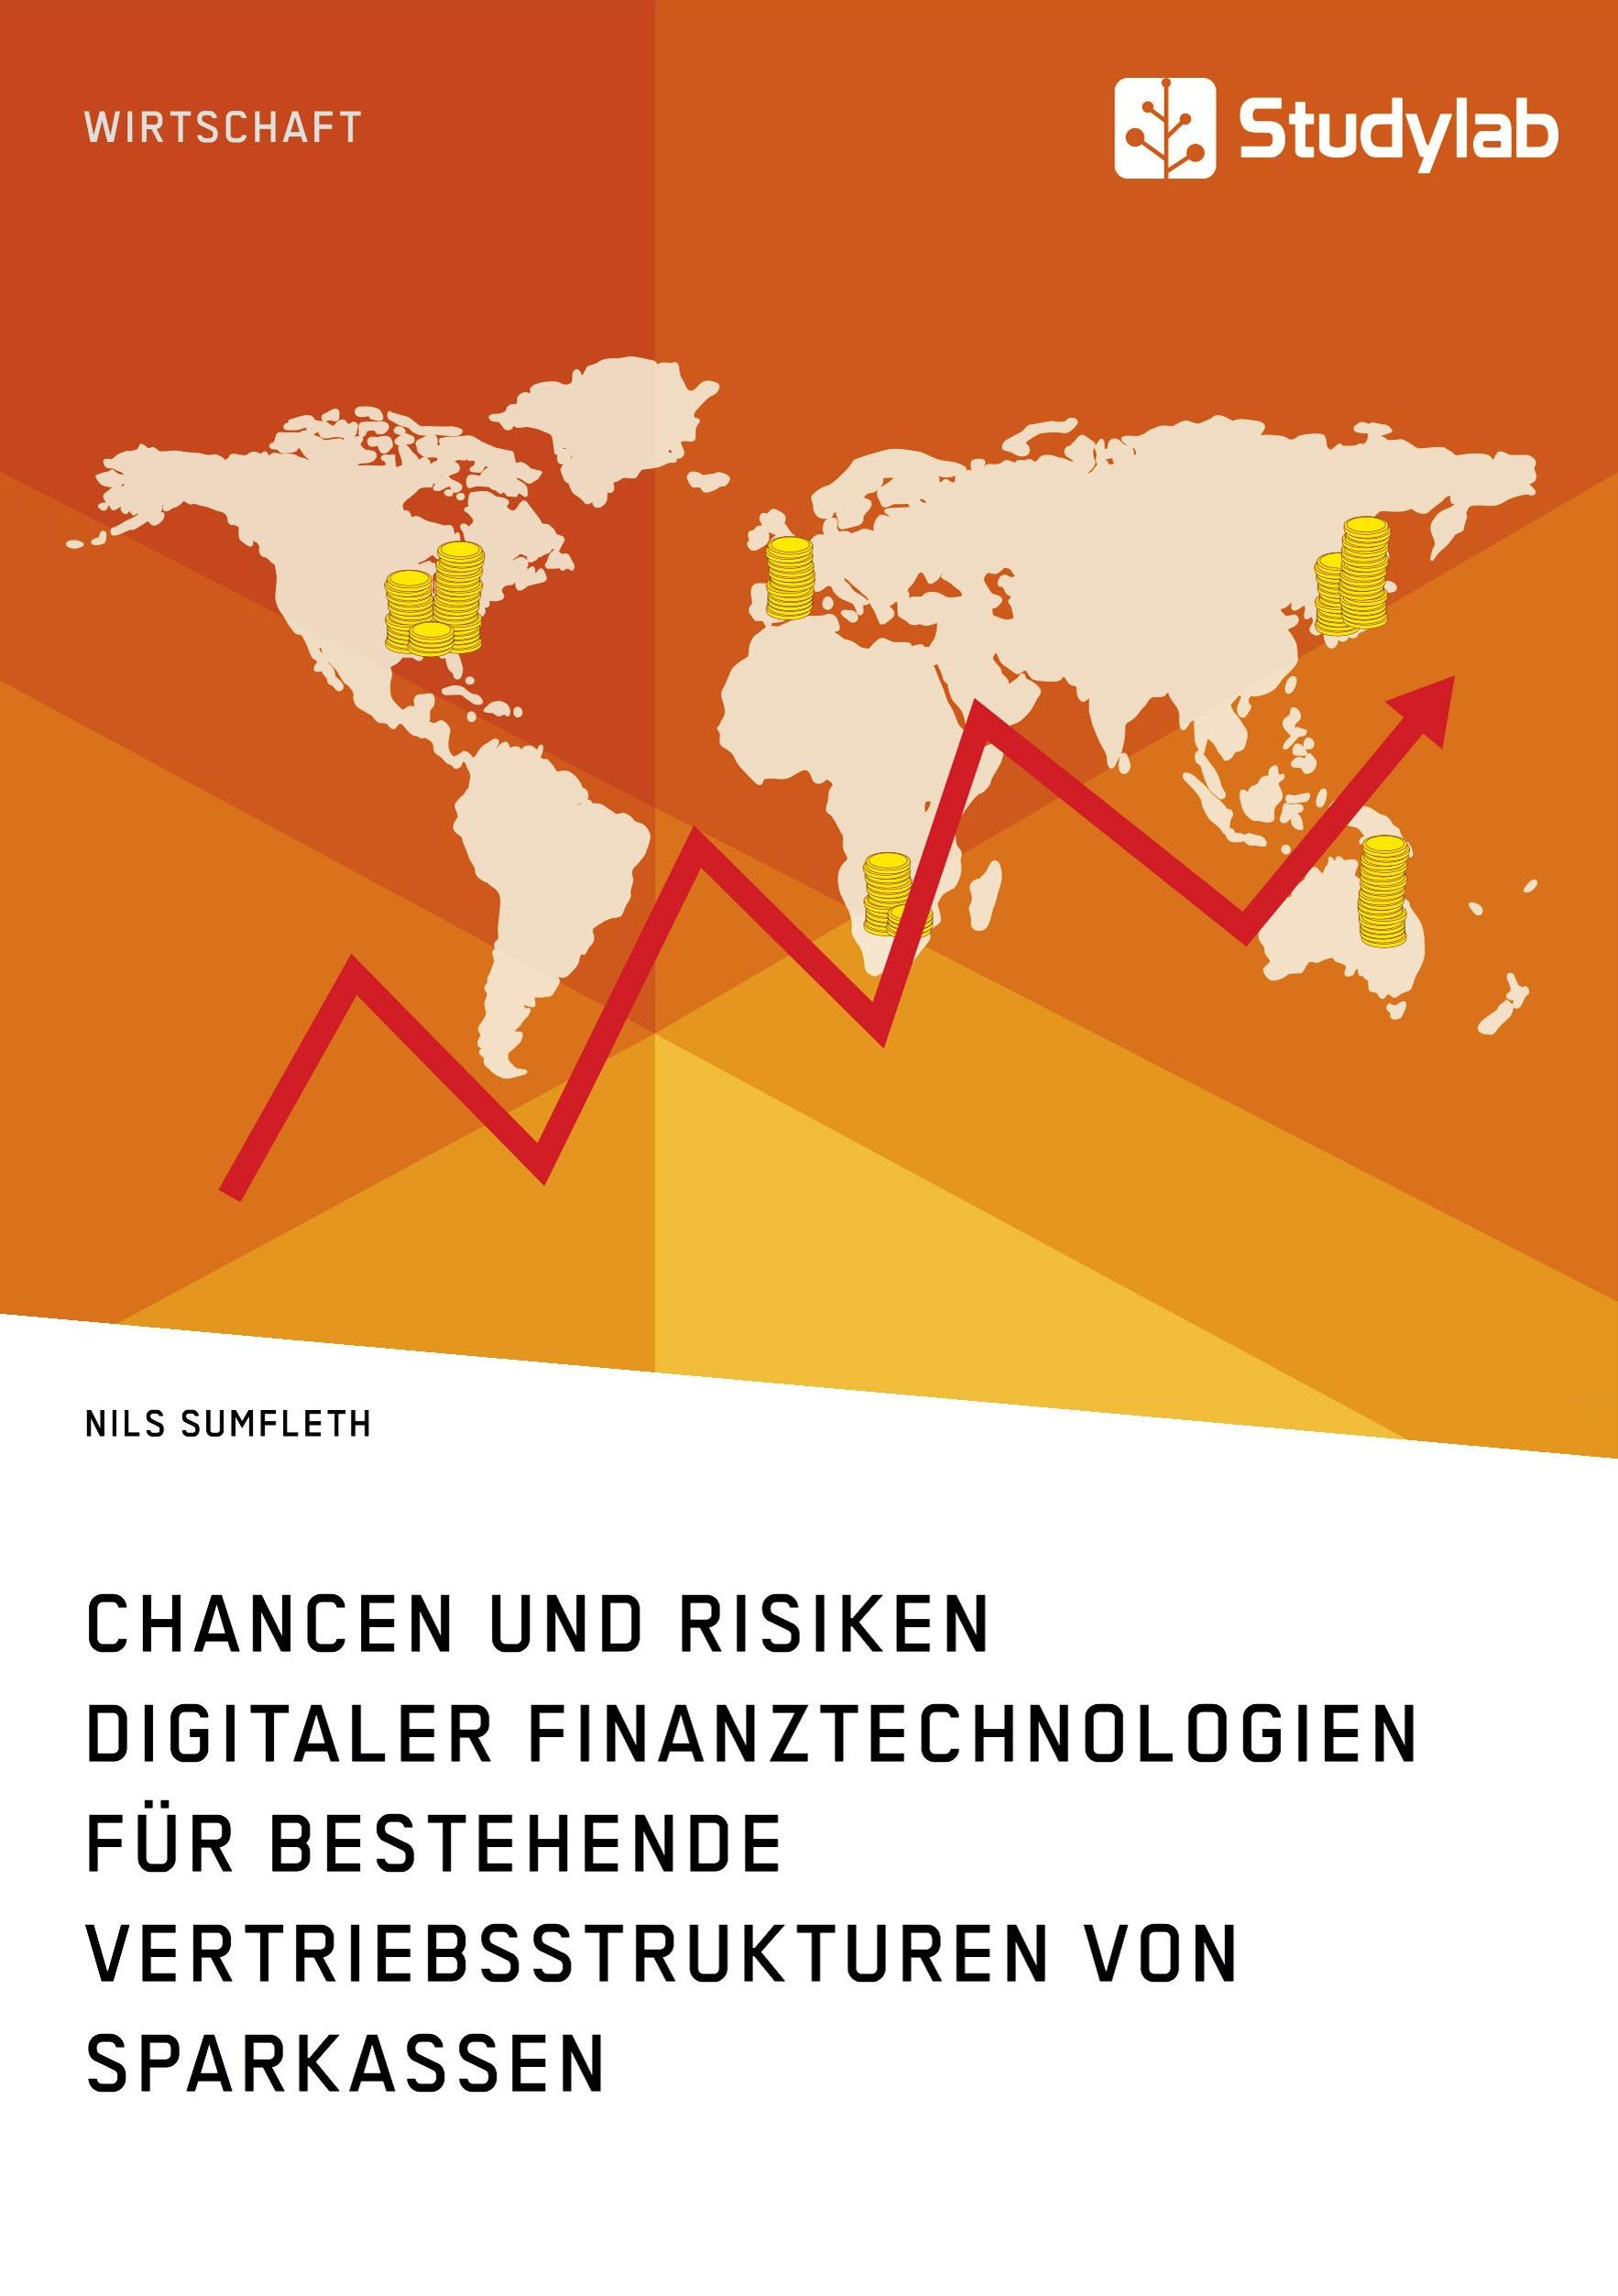 Titel: Chancen und Risiken digitaler Finanztechnologien für bestehende Vertriebsstrukturen von Sparkassen